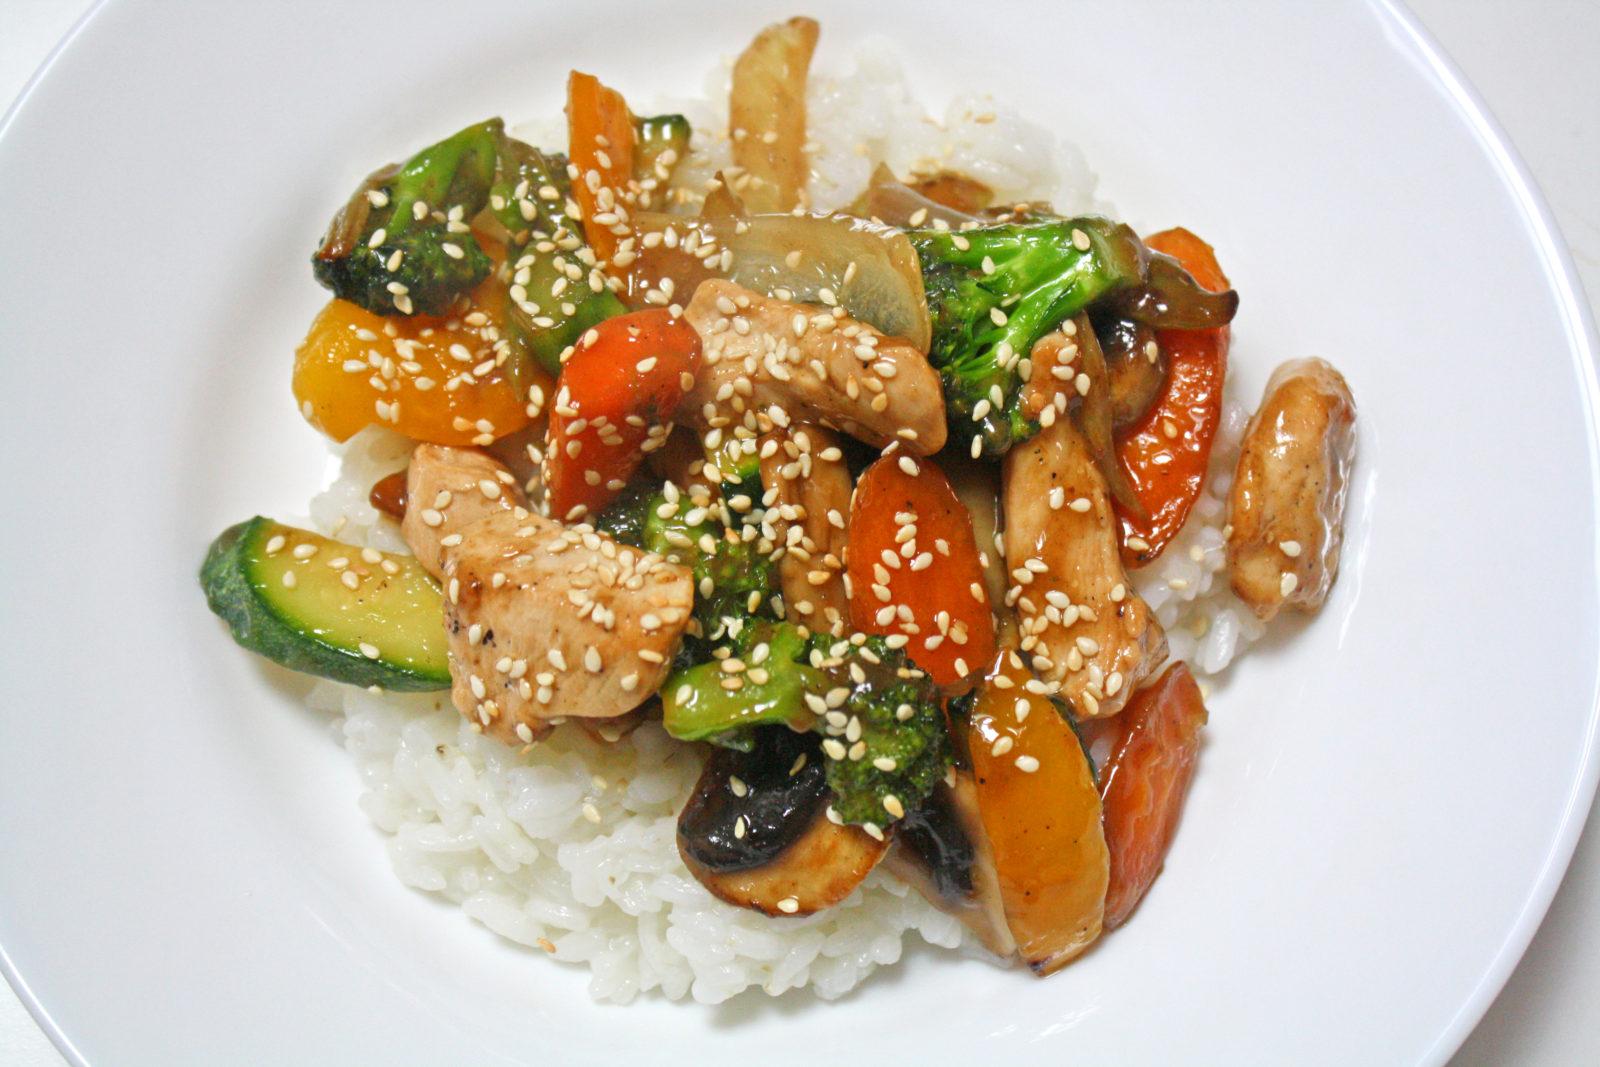 Salteado de pollo y verduras